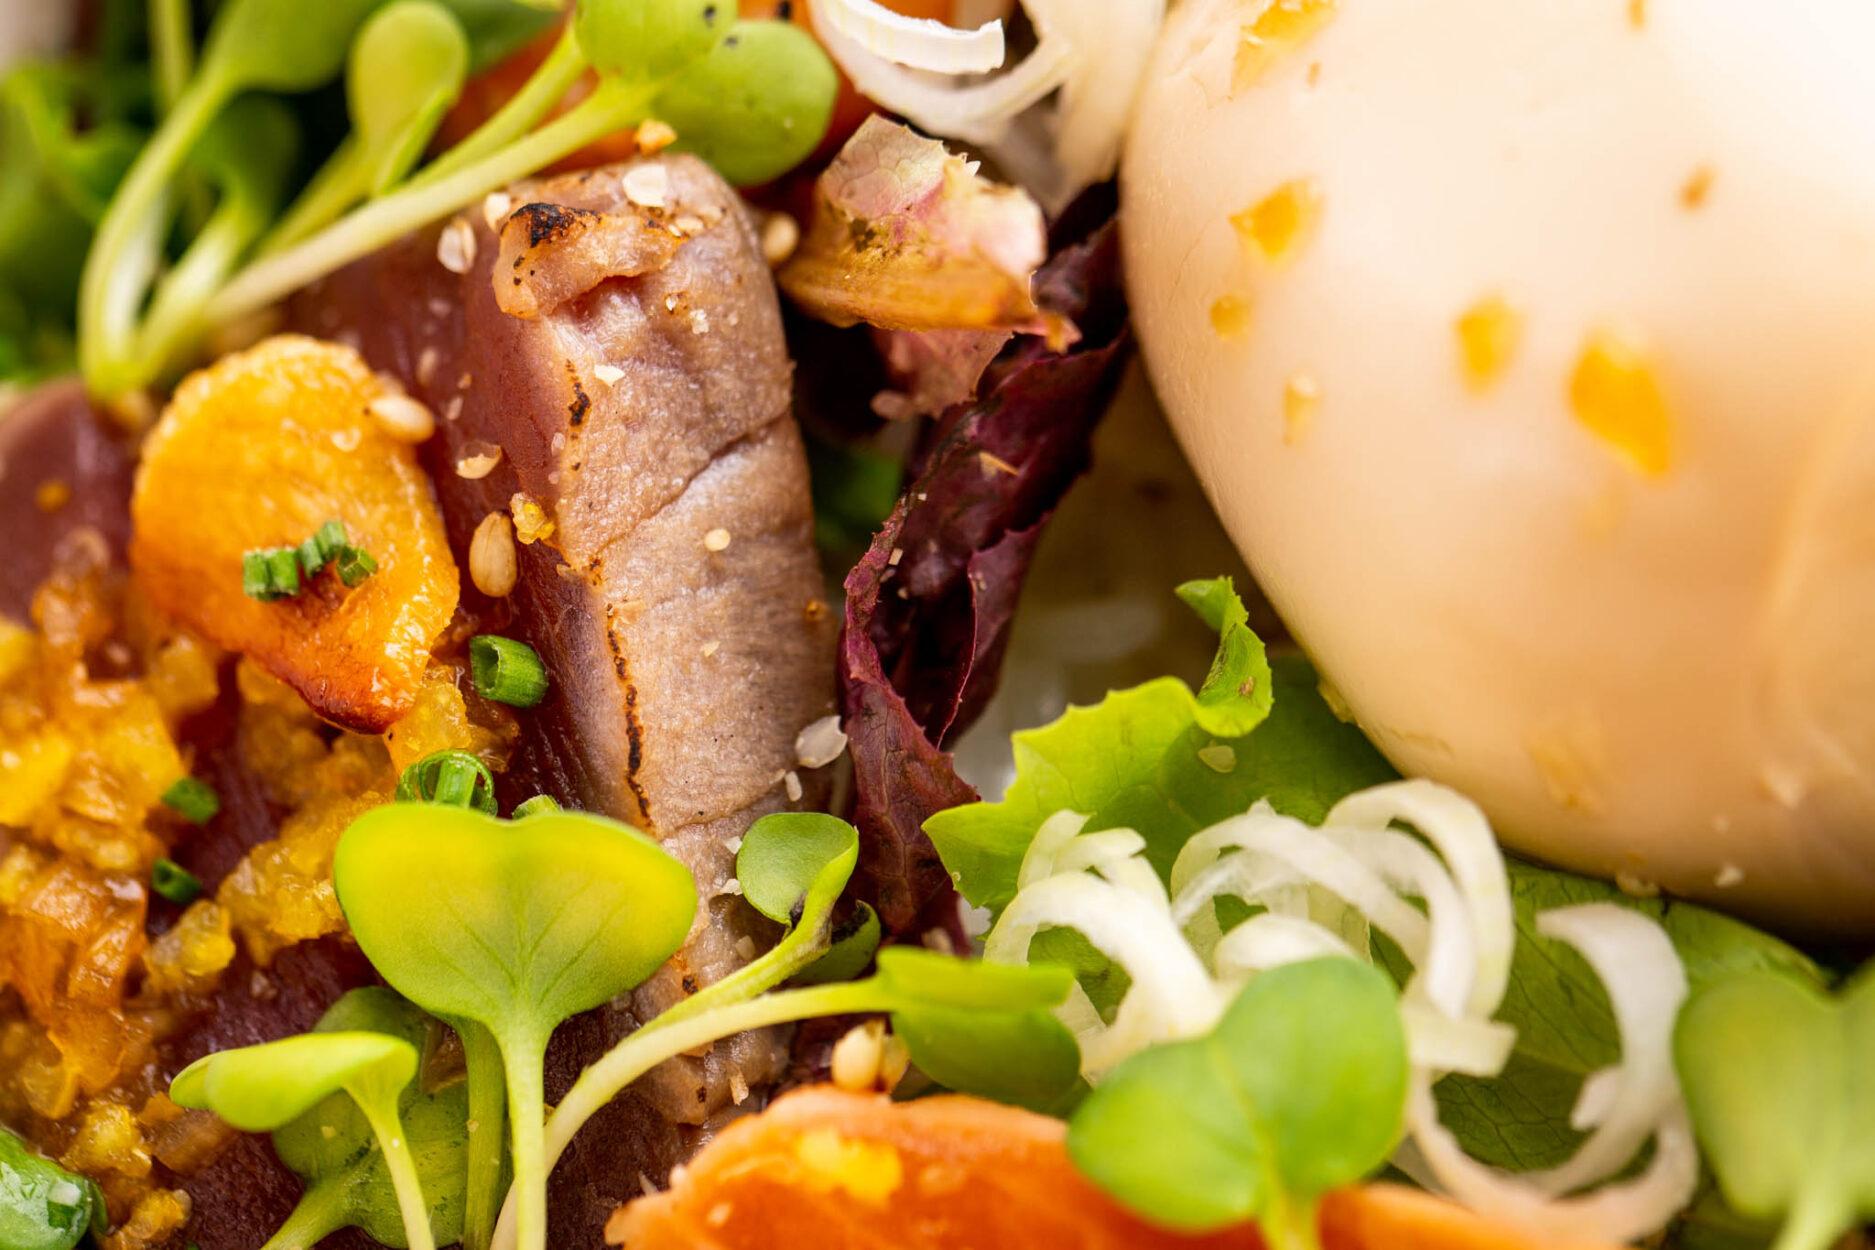 gastronomica-alimentos-nicoletalupuagency (66 of 84)